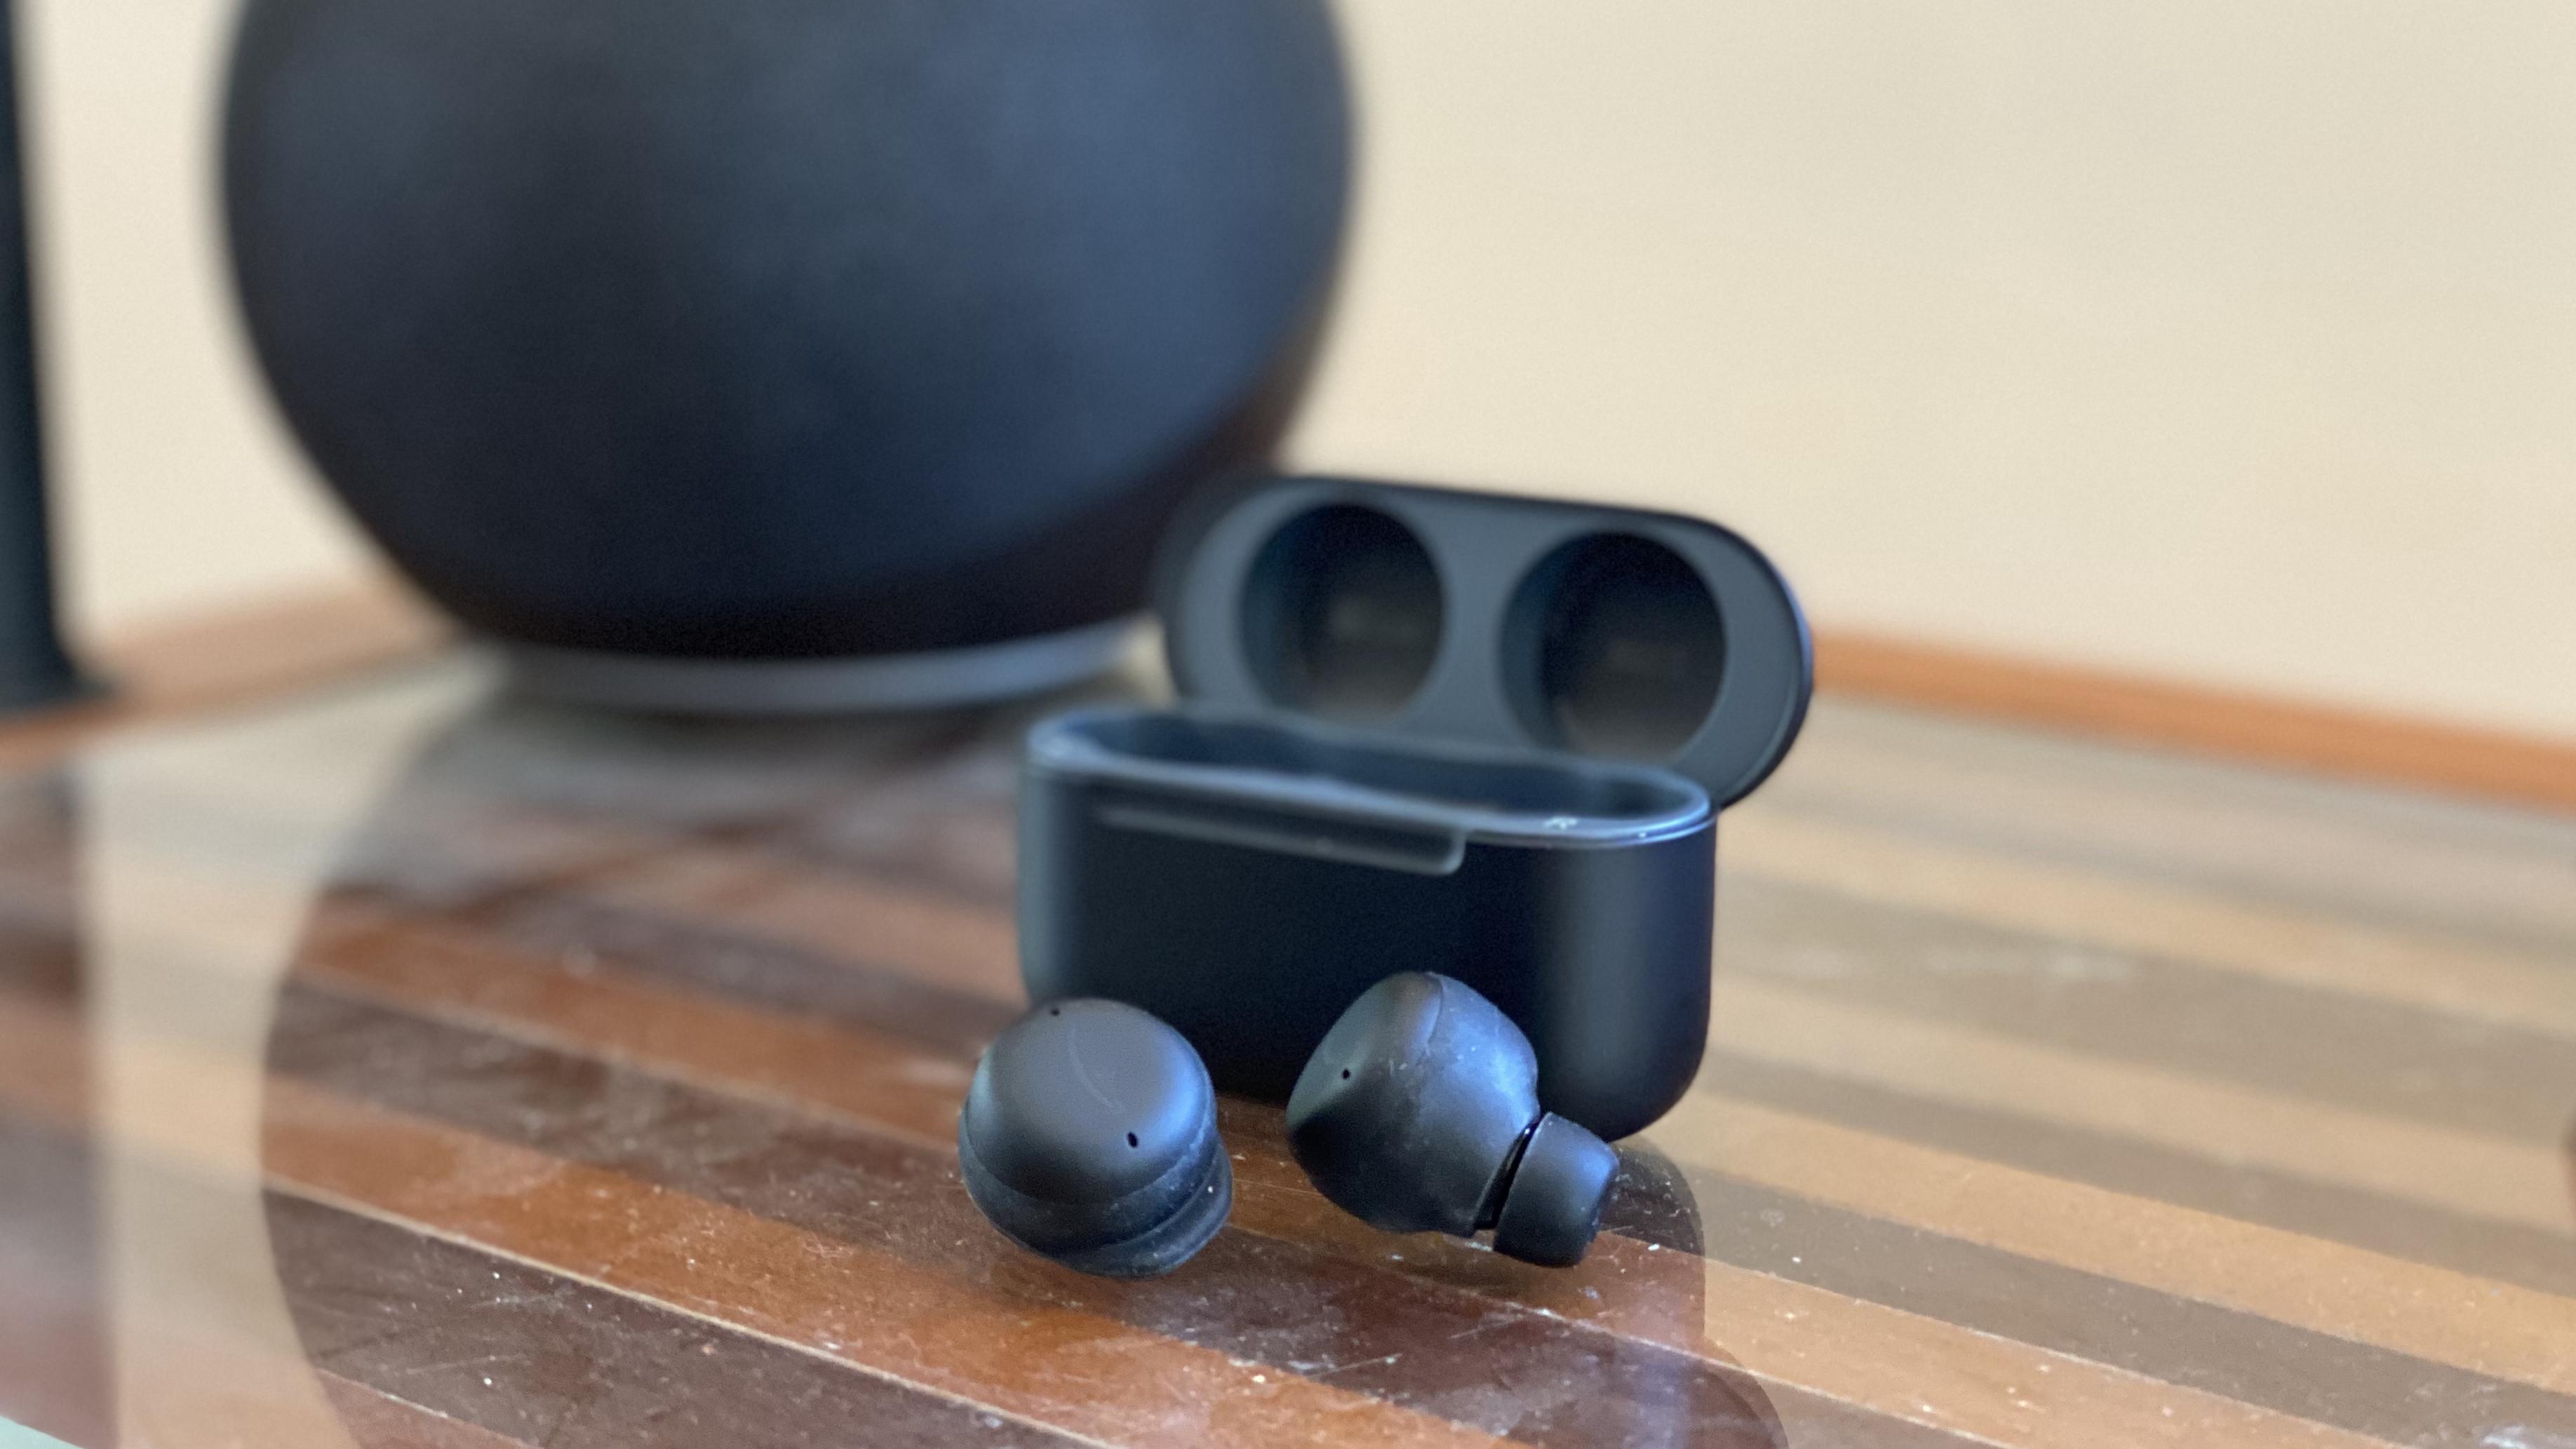 Amazon Echo Buds (2nd Gen)